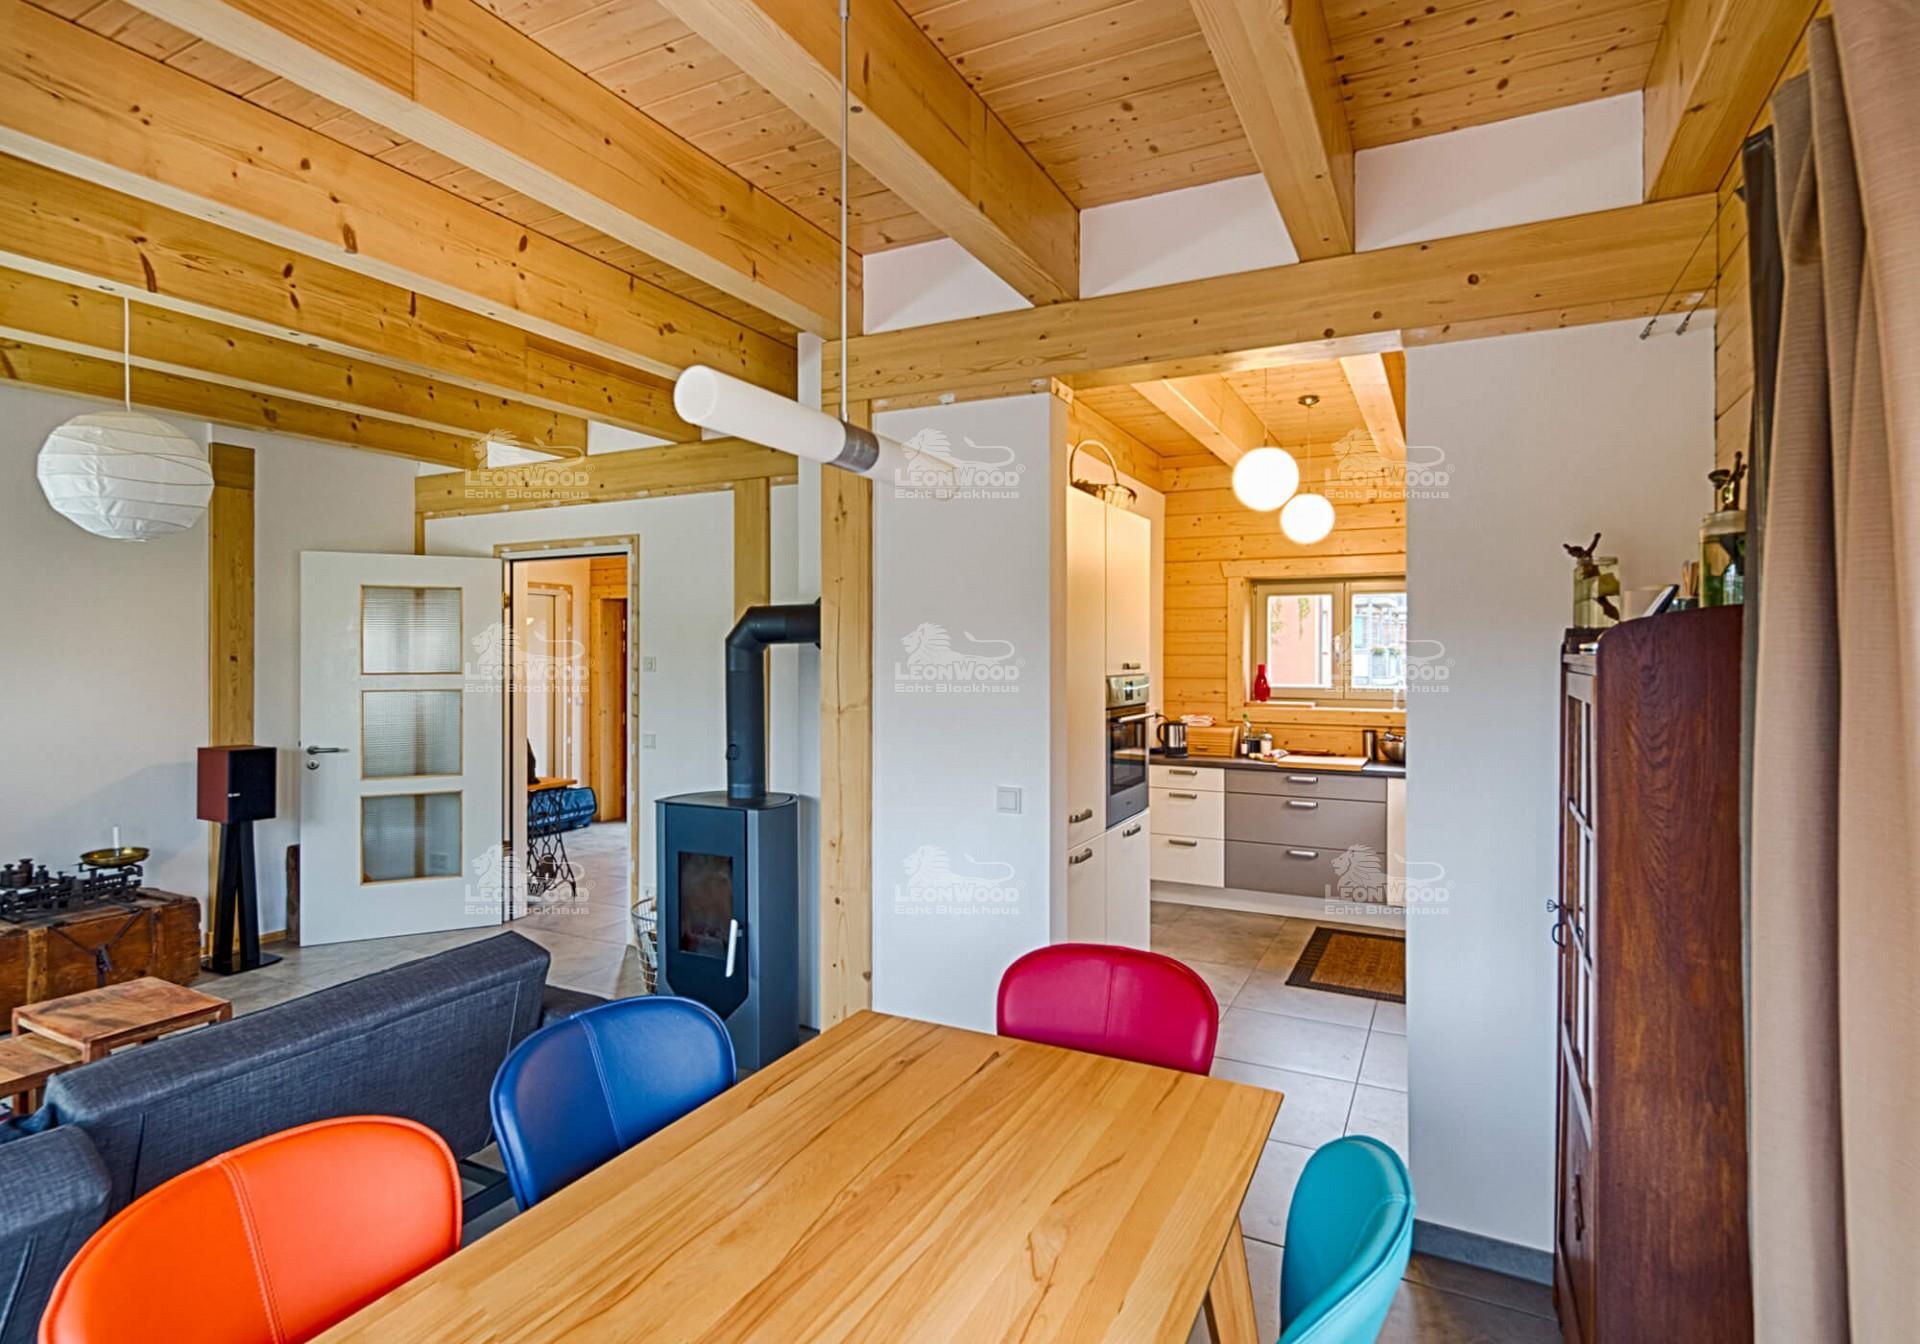 Beste Küche Design Ideen Für Blockhäuser Bilder - Küche Set Ideen ...